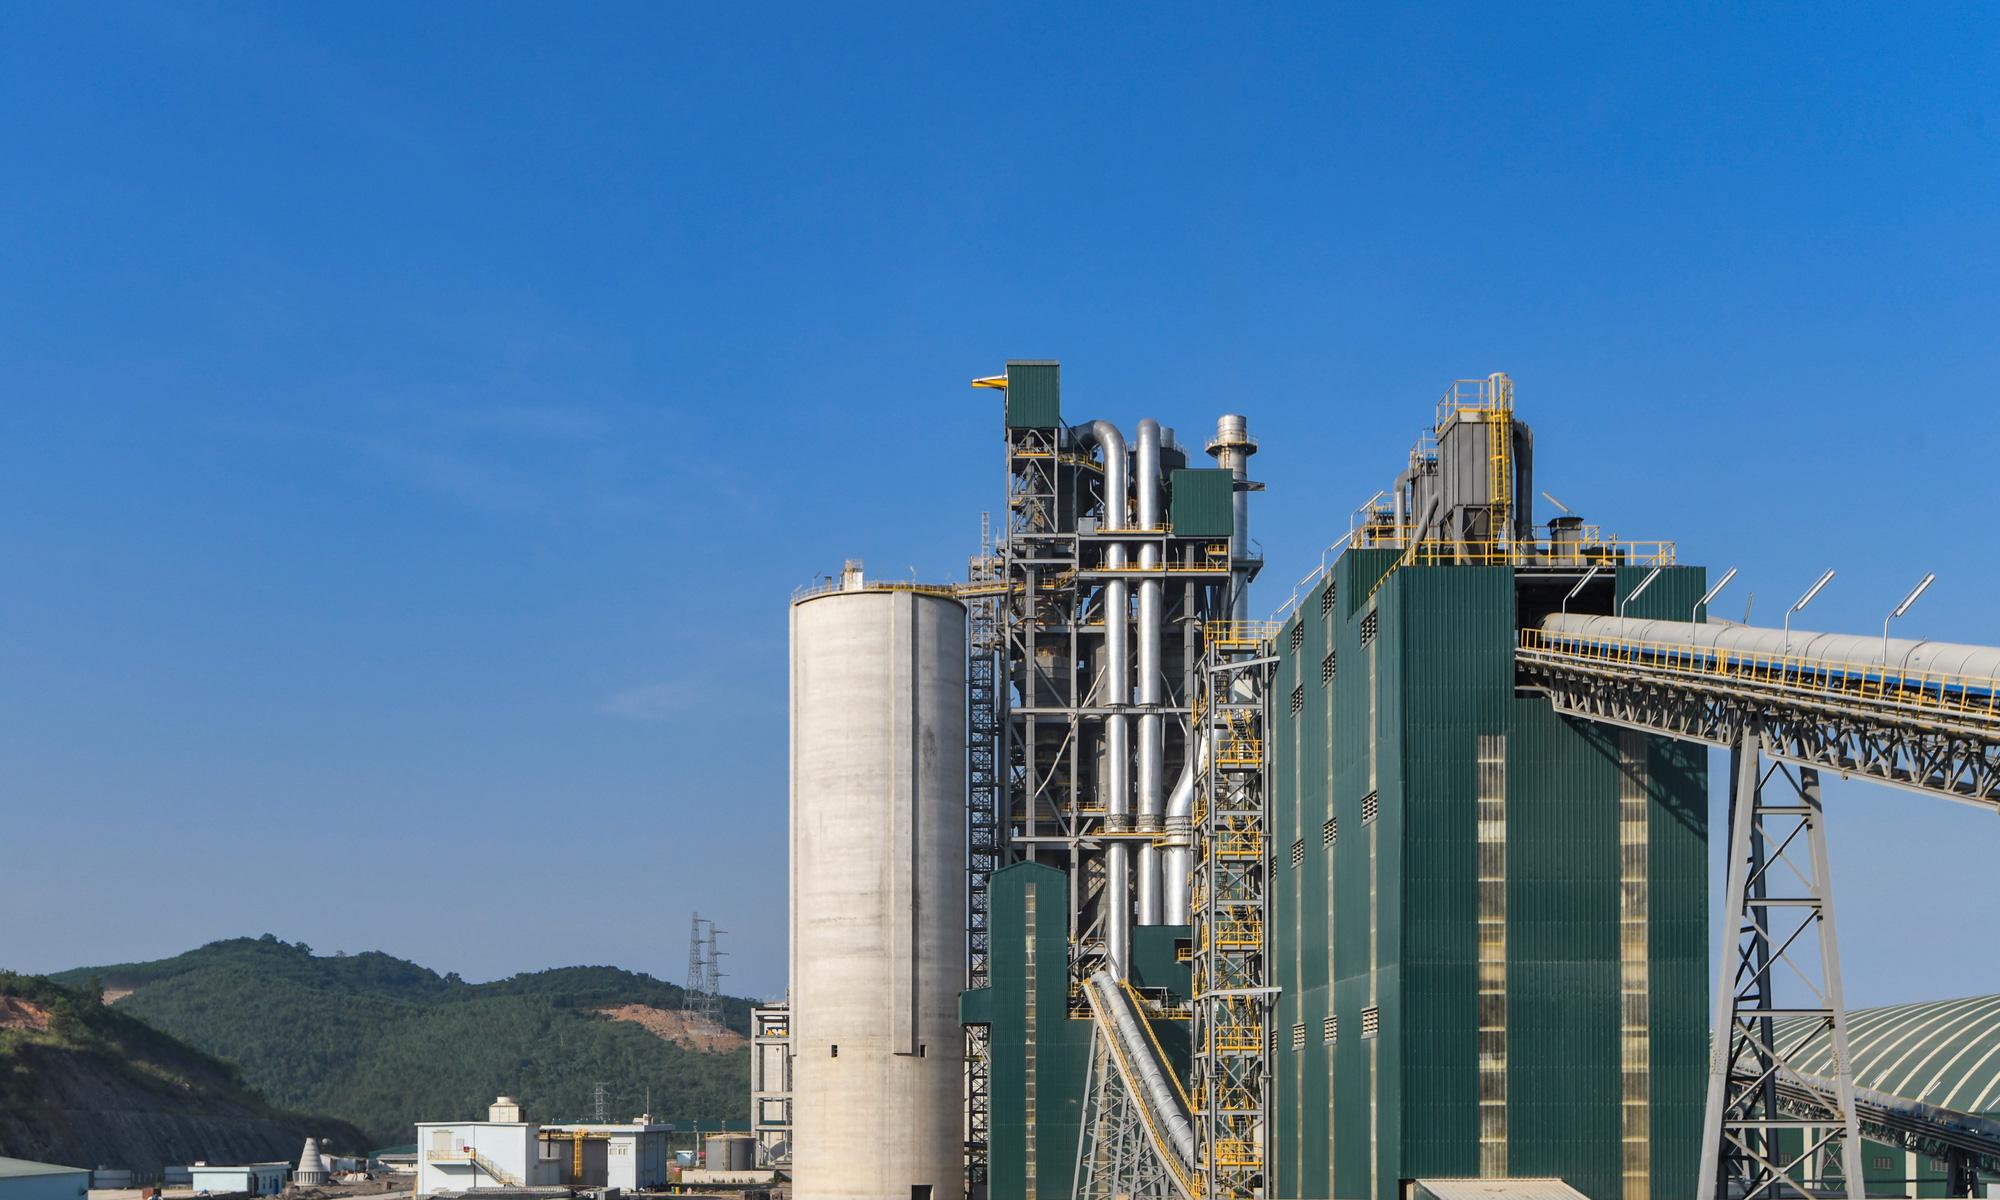 Khám phá công nghệ sản xuất xanh hiện đại bậc nhất của xi măng Tân Thắng - Ảnh 9.